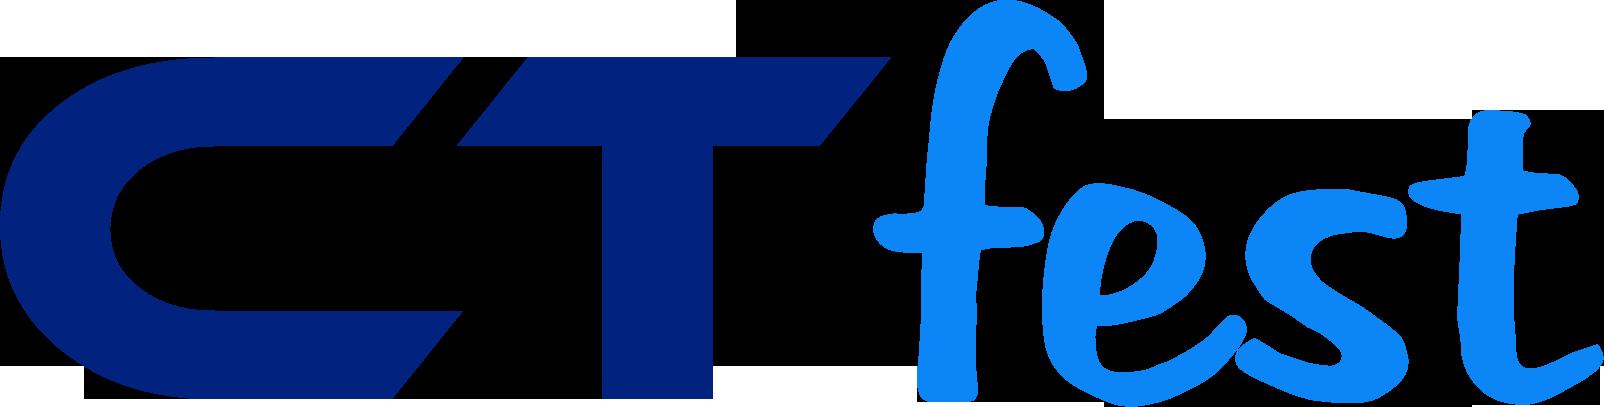 CTfest_logo